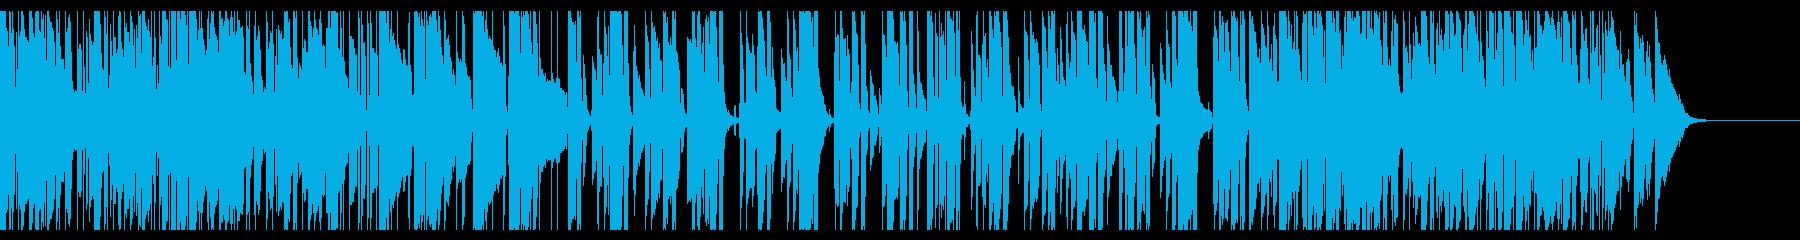 アコギとピアノの明るいポップス 生演奏の再生済みの波形